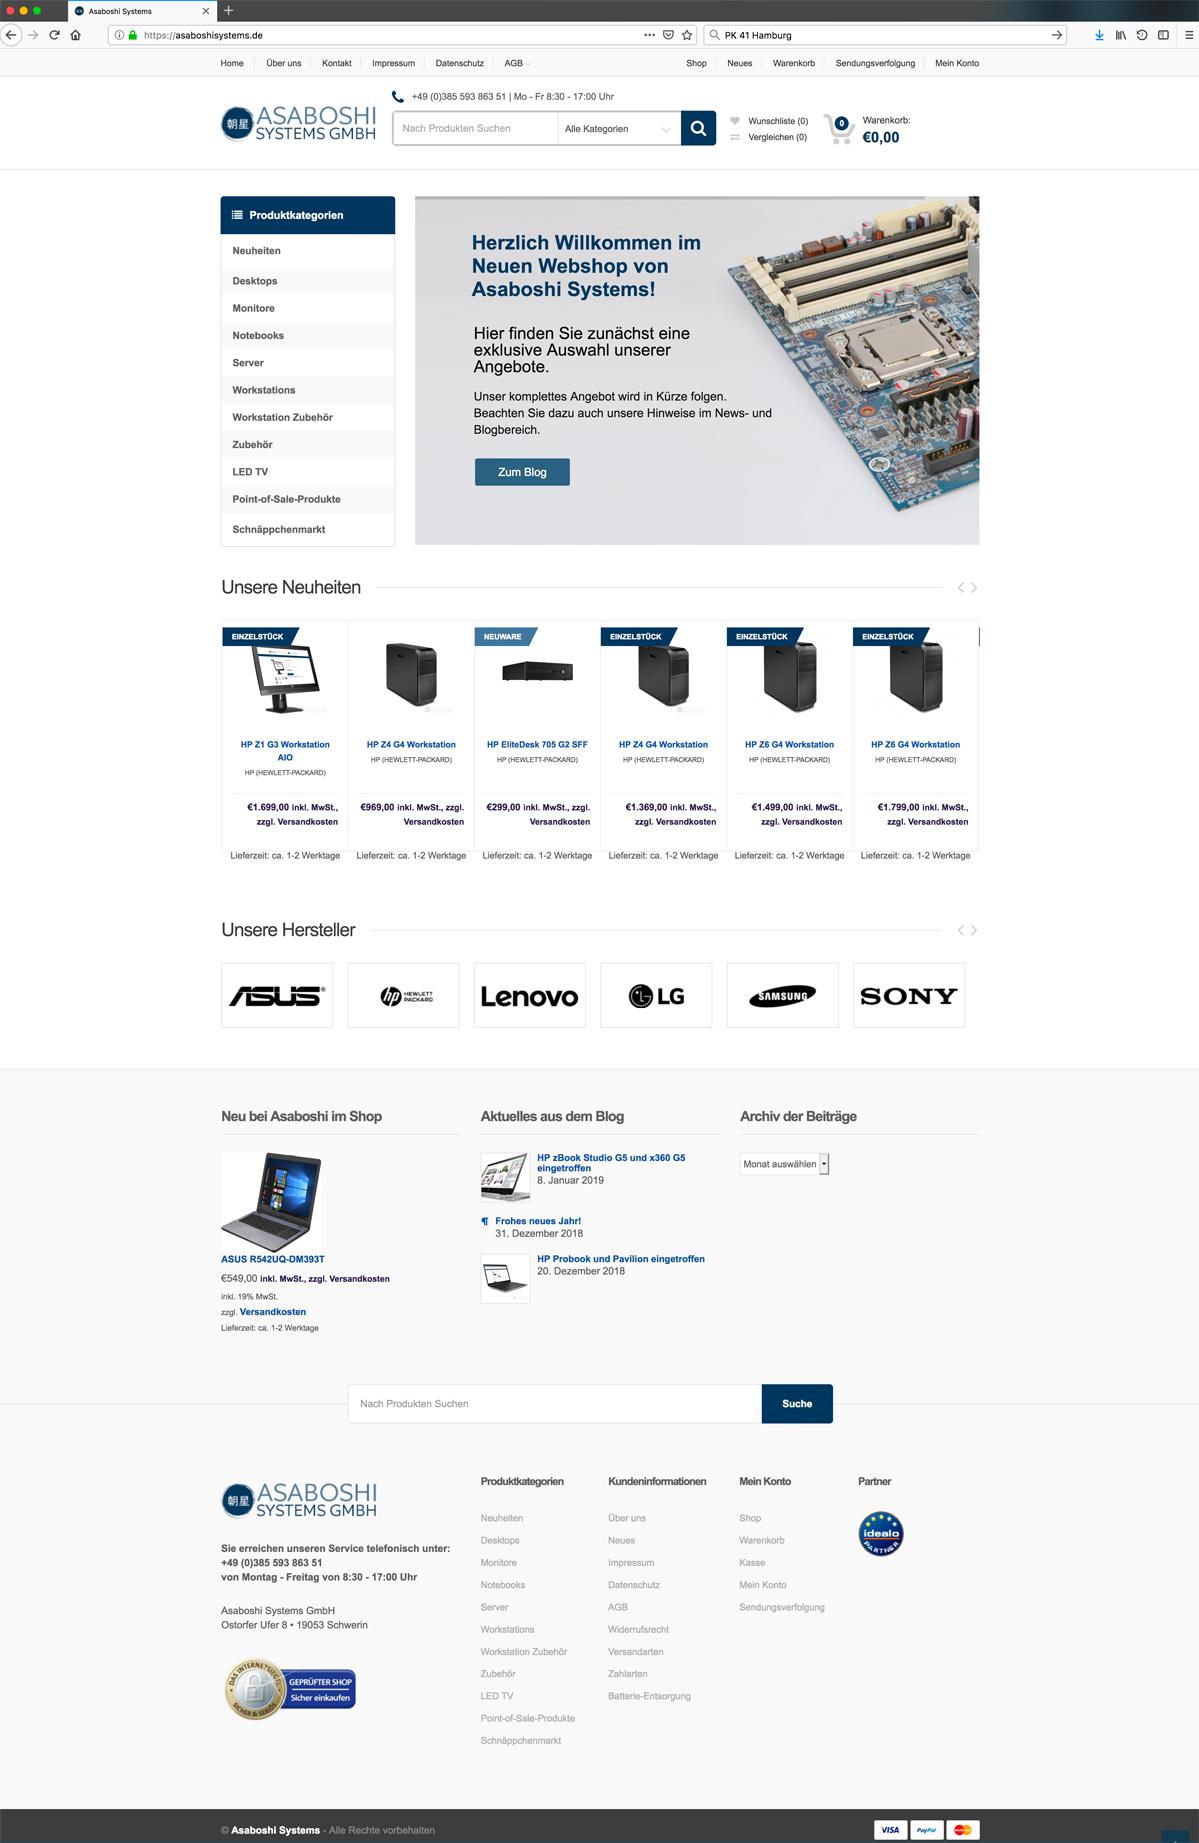 Neu-Erstellung des Webshops für Asaboshisystems durch Kähler & Kähler.